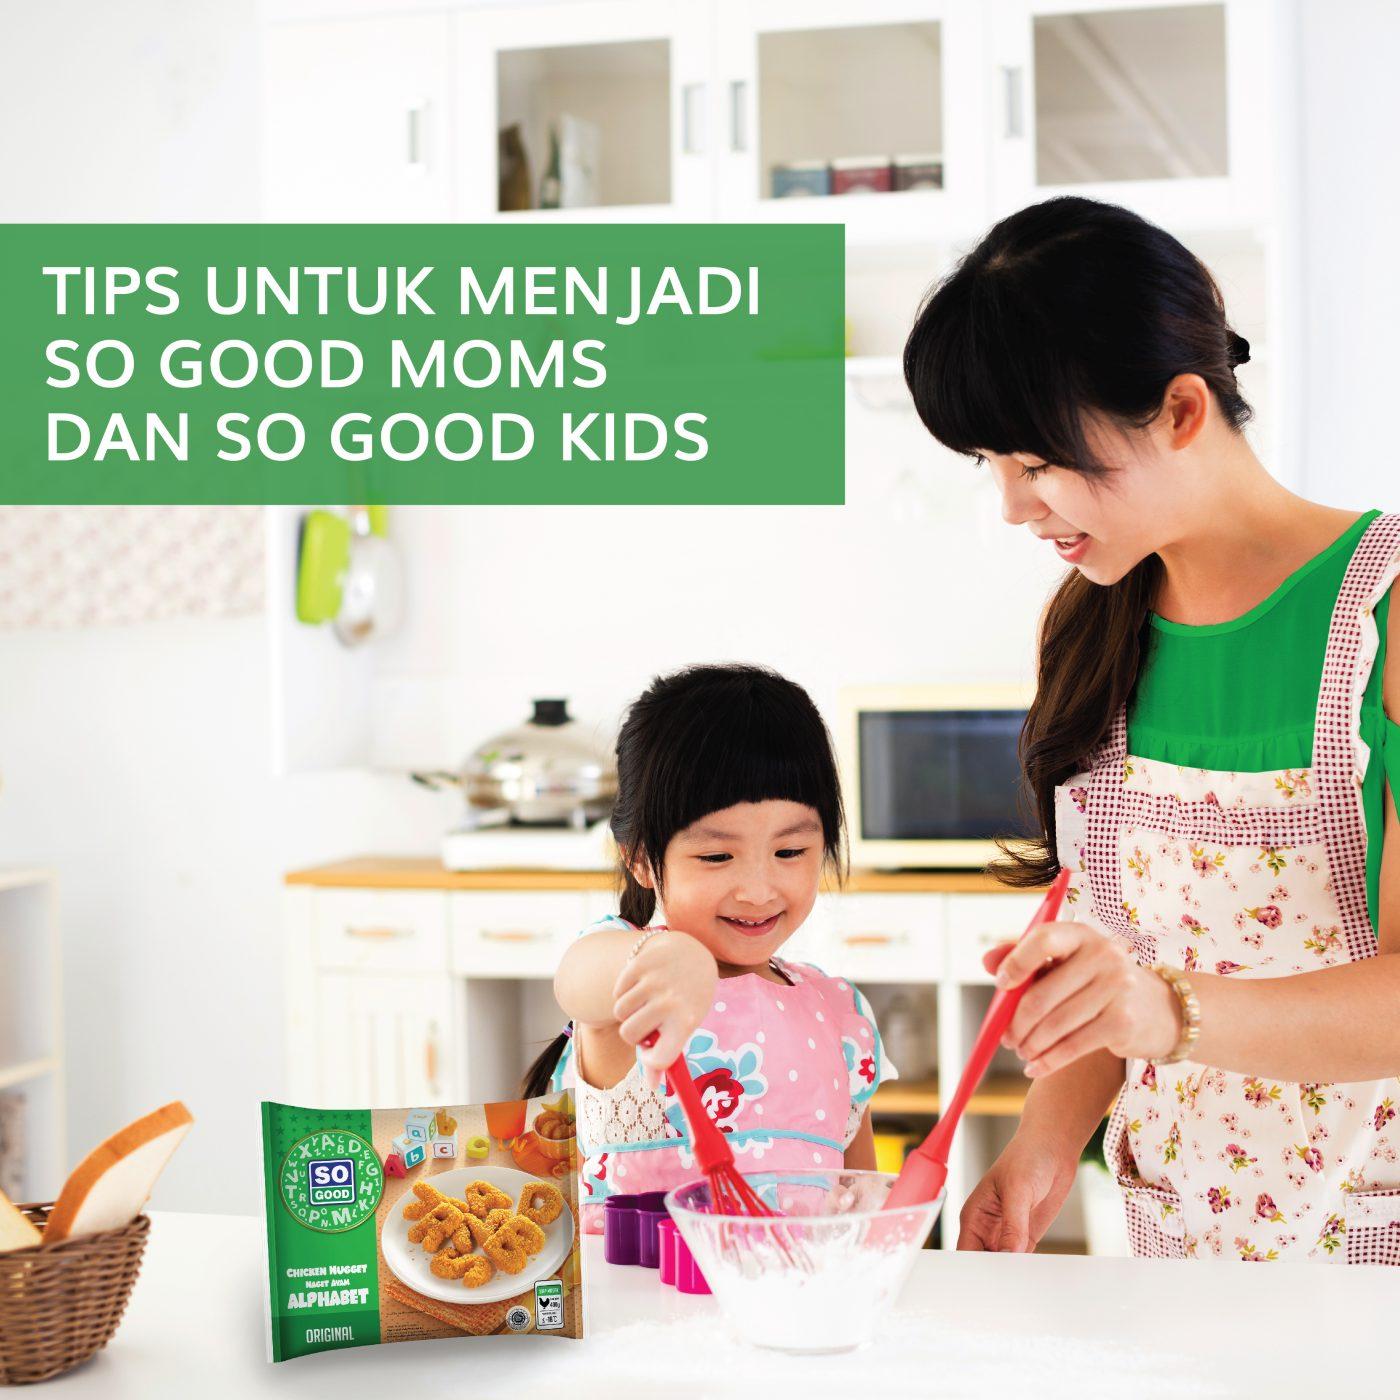 Image TIPS UNTUK MENJADI SO GOOD MOMS DAN SO GOOD KIDS